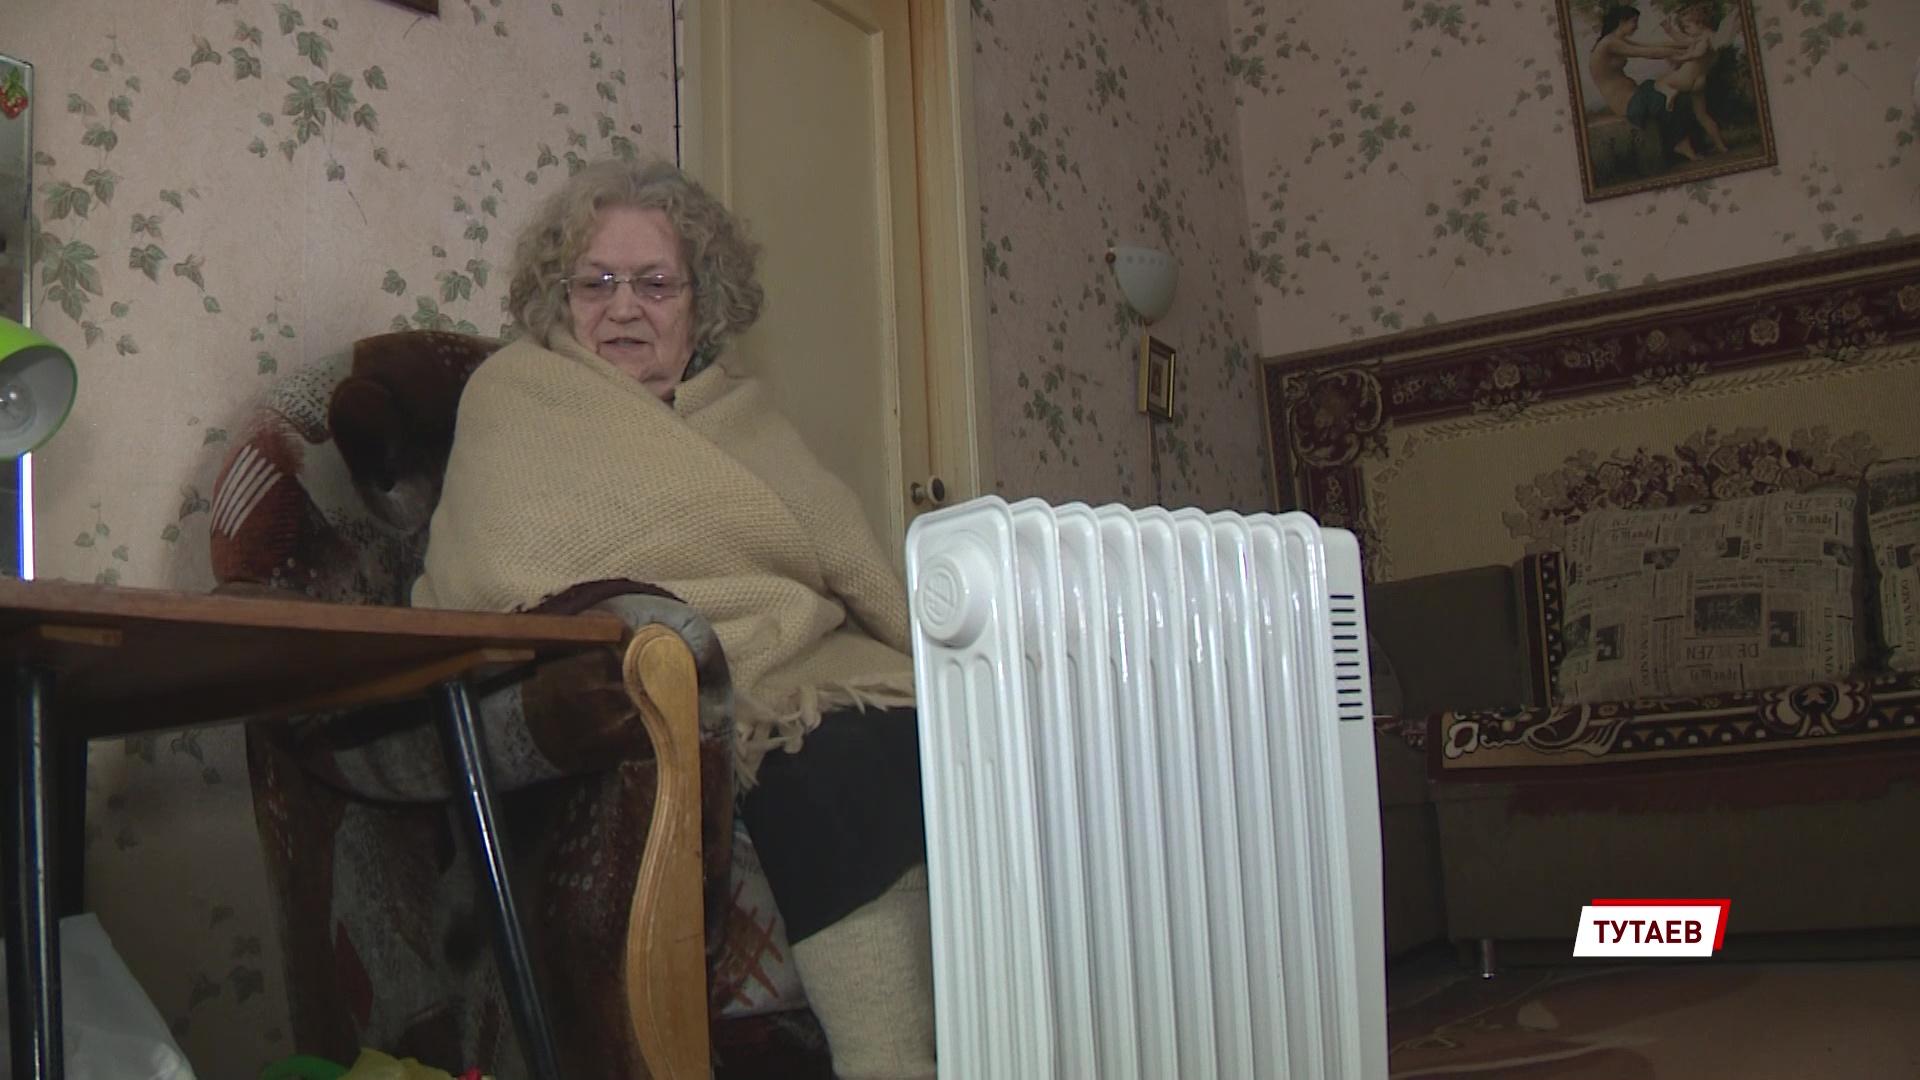 Жителям Тутаева сделают перерасчет за отопление из-за проблем с котельной